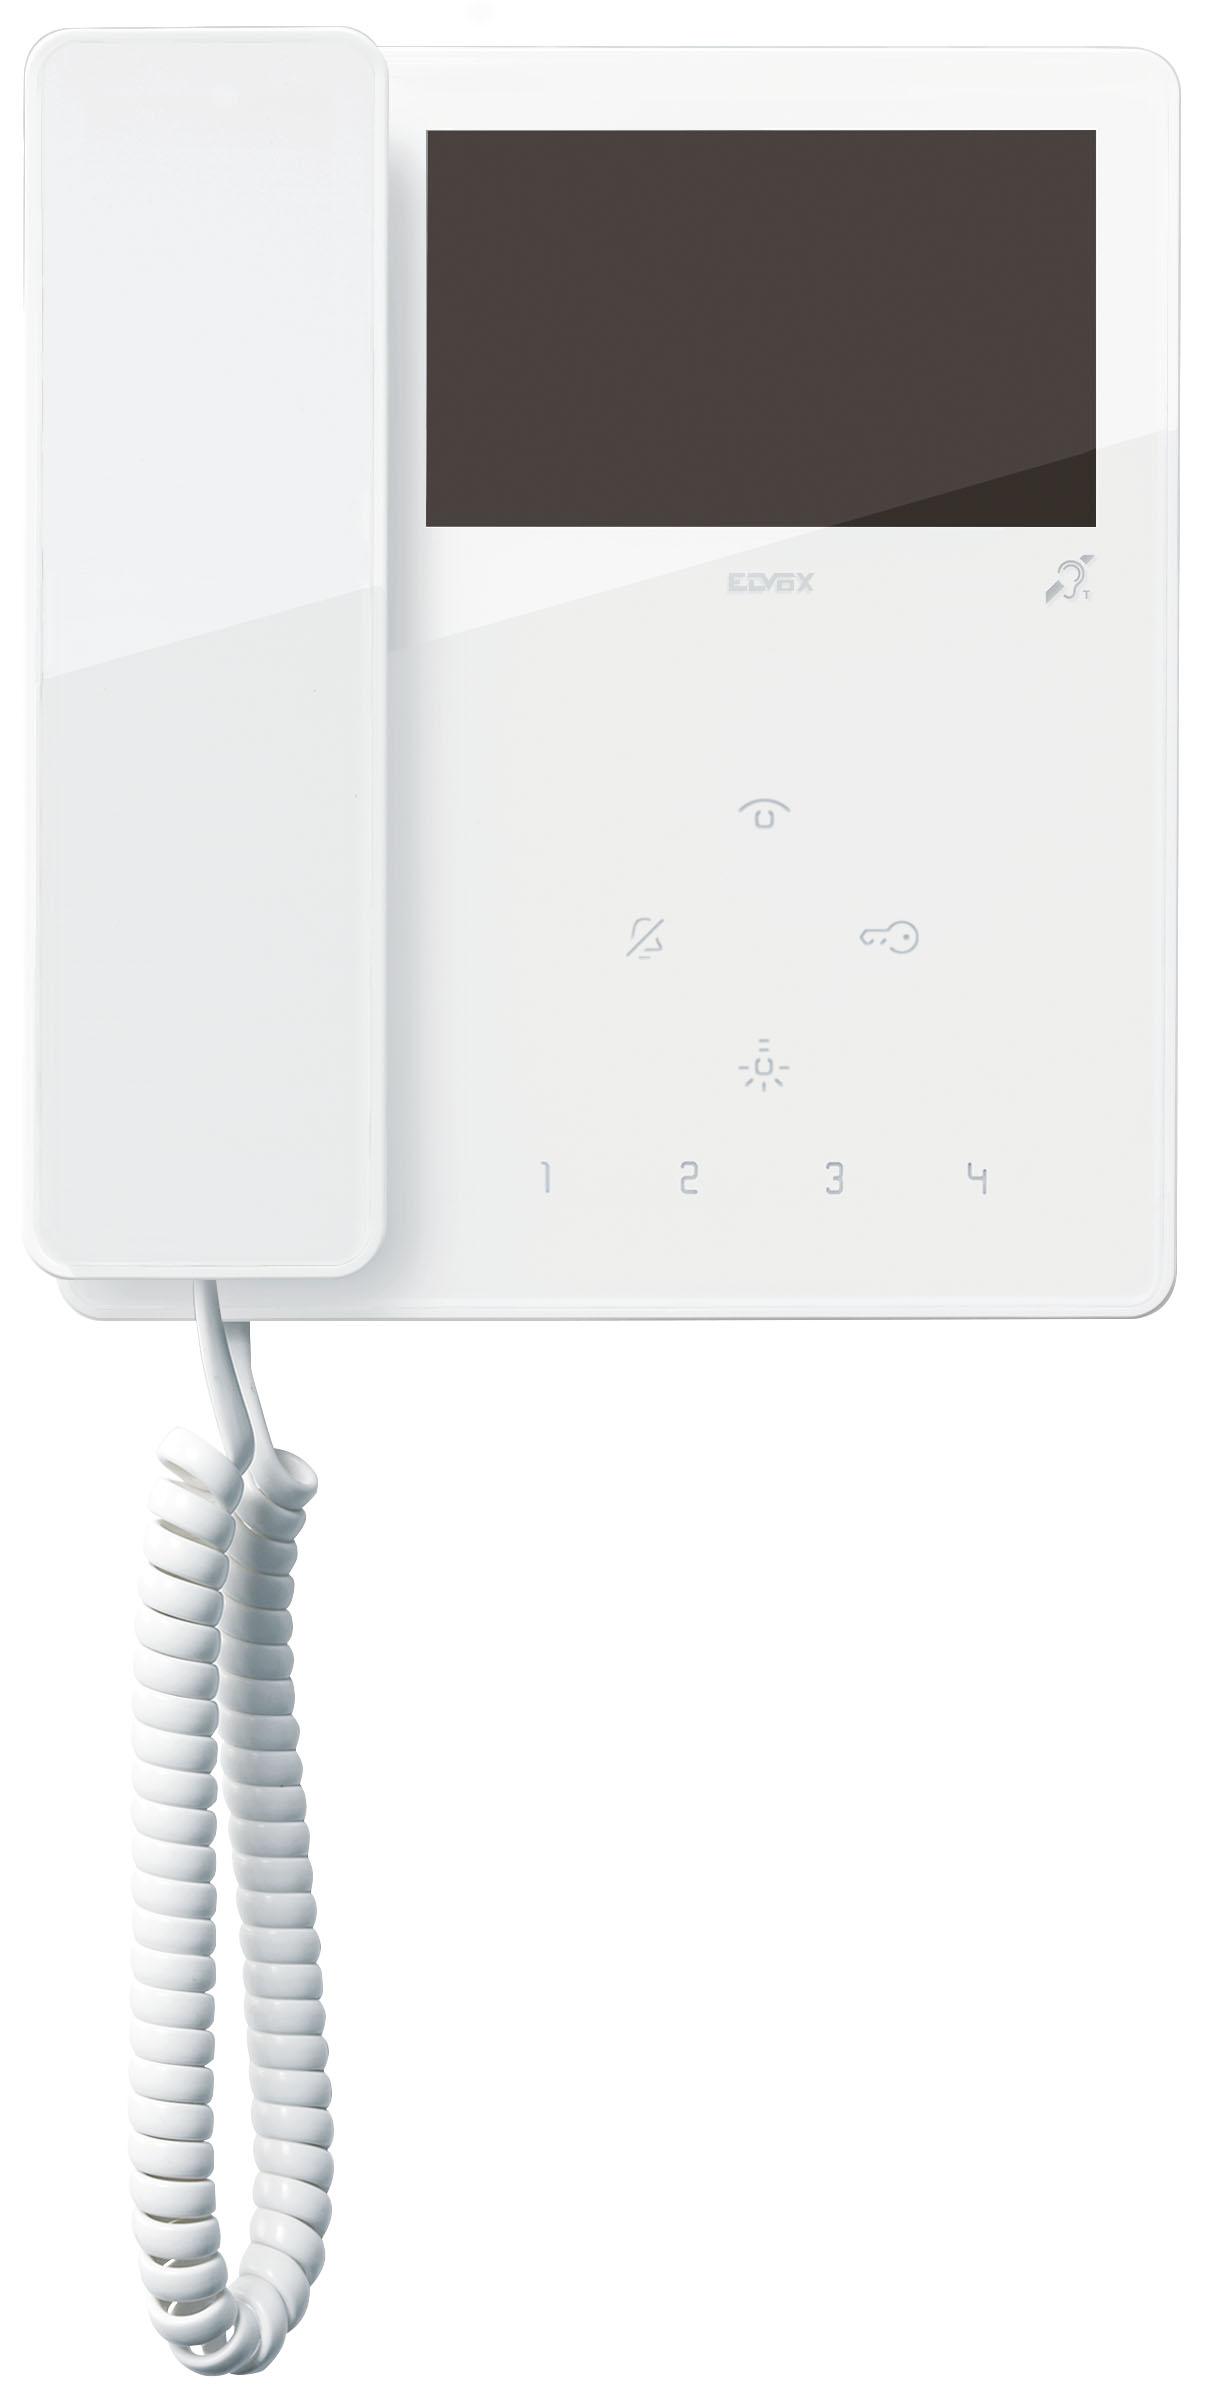 Schemi Elettrici Per Citofoni Elvox : Alimentatore elvox per videocitofonia fili